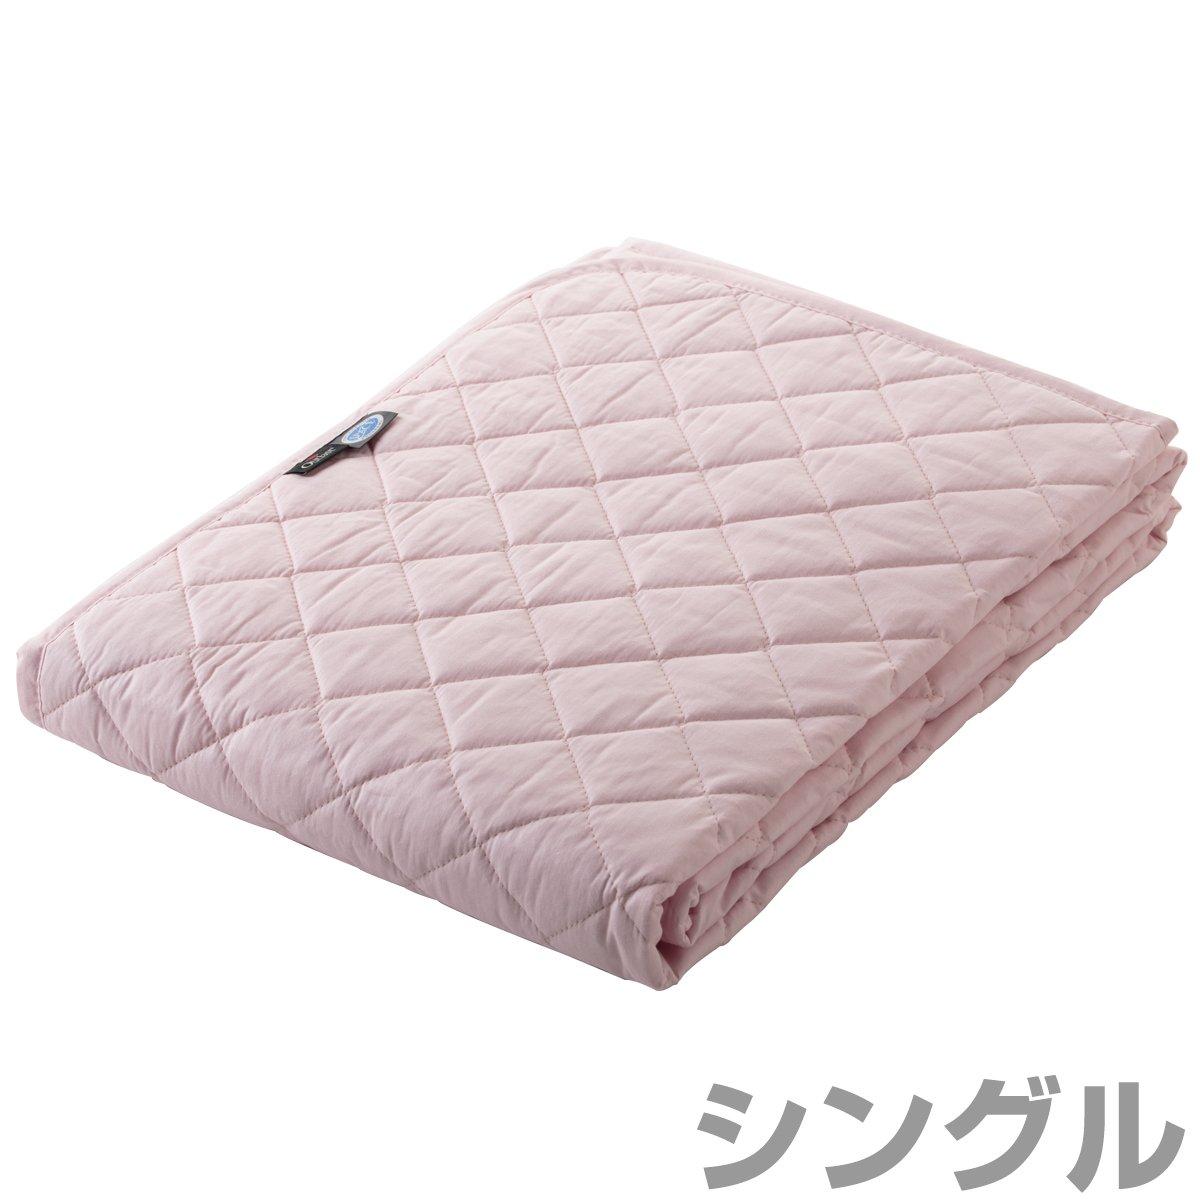 トクナガ アウトラスト®敷パッド 国産 シングル ピンク OLAMSP-1PI B01HT89SNK  ピンク シングル